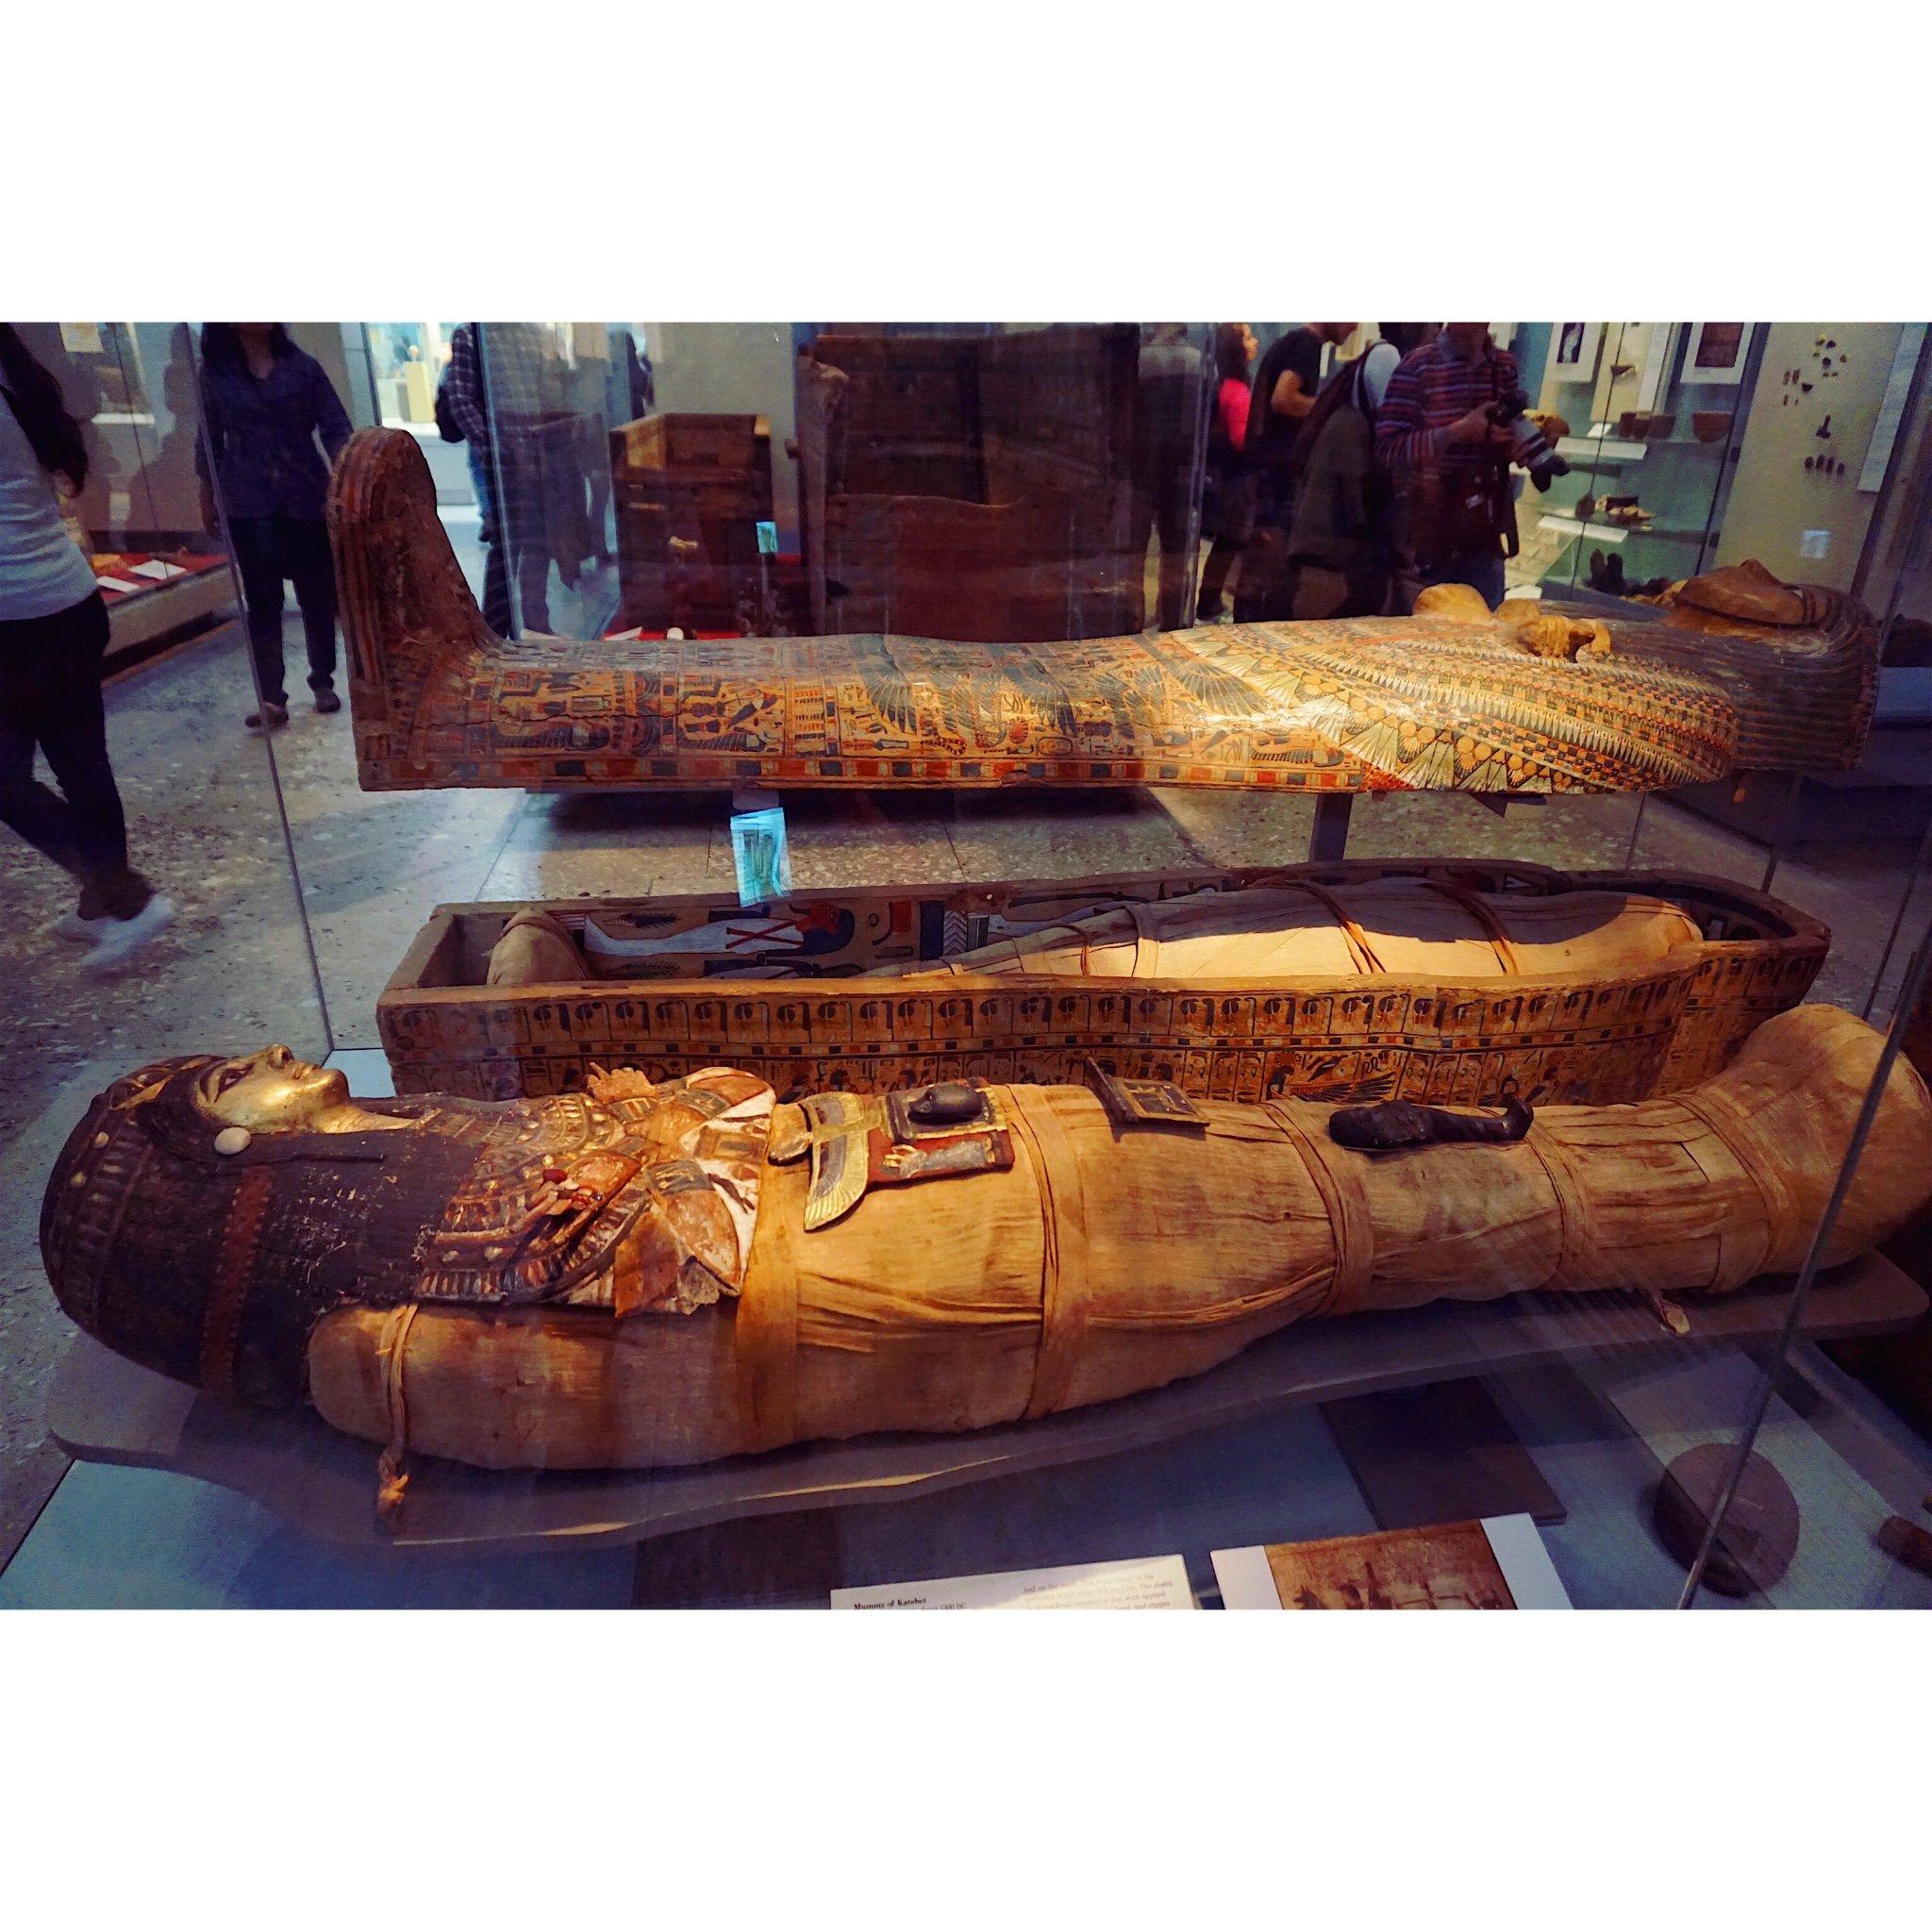 2019大英博物馆游玩玩法,我有大英博物馆的3滑溜布的主题攻略游戏图片